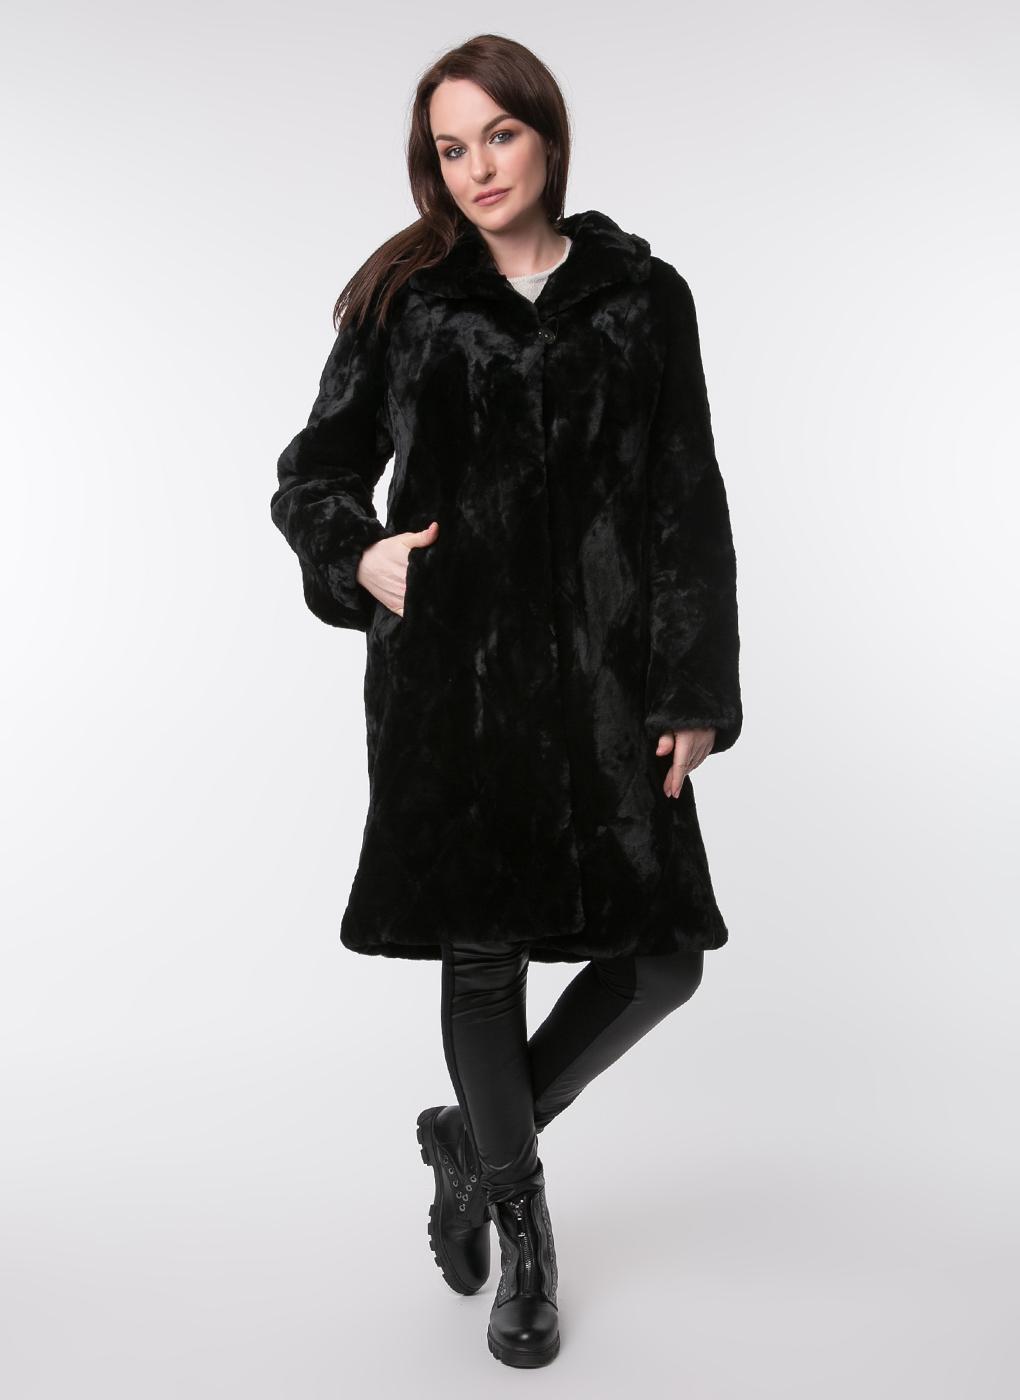 Пальто прямое из овчины 04, Dzhanbekoff фото